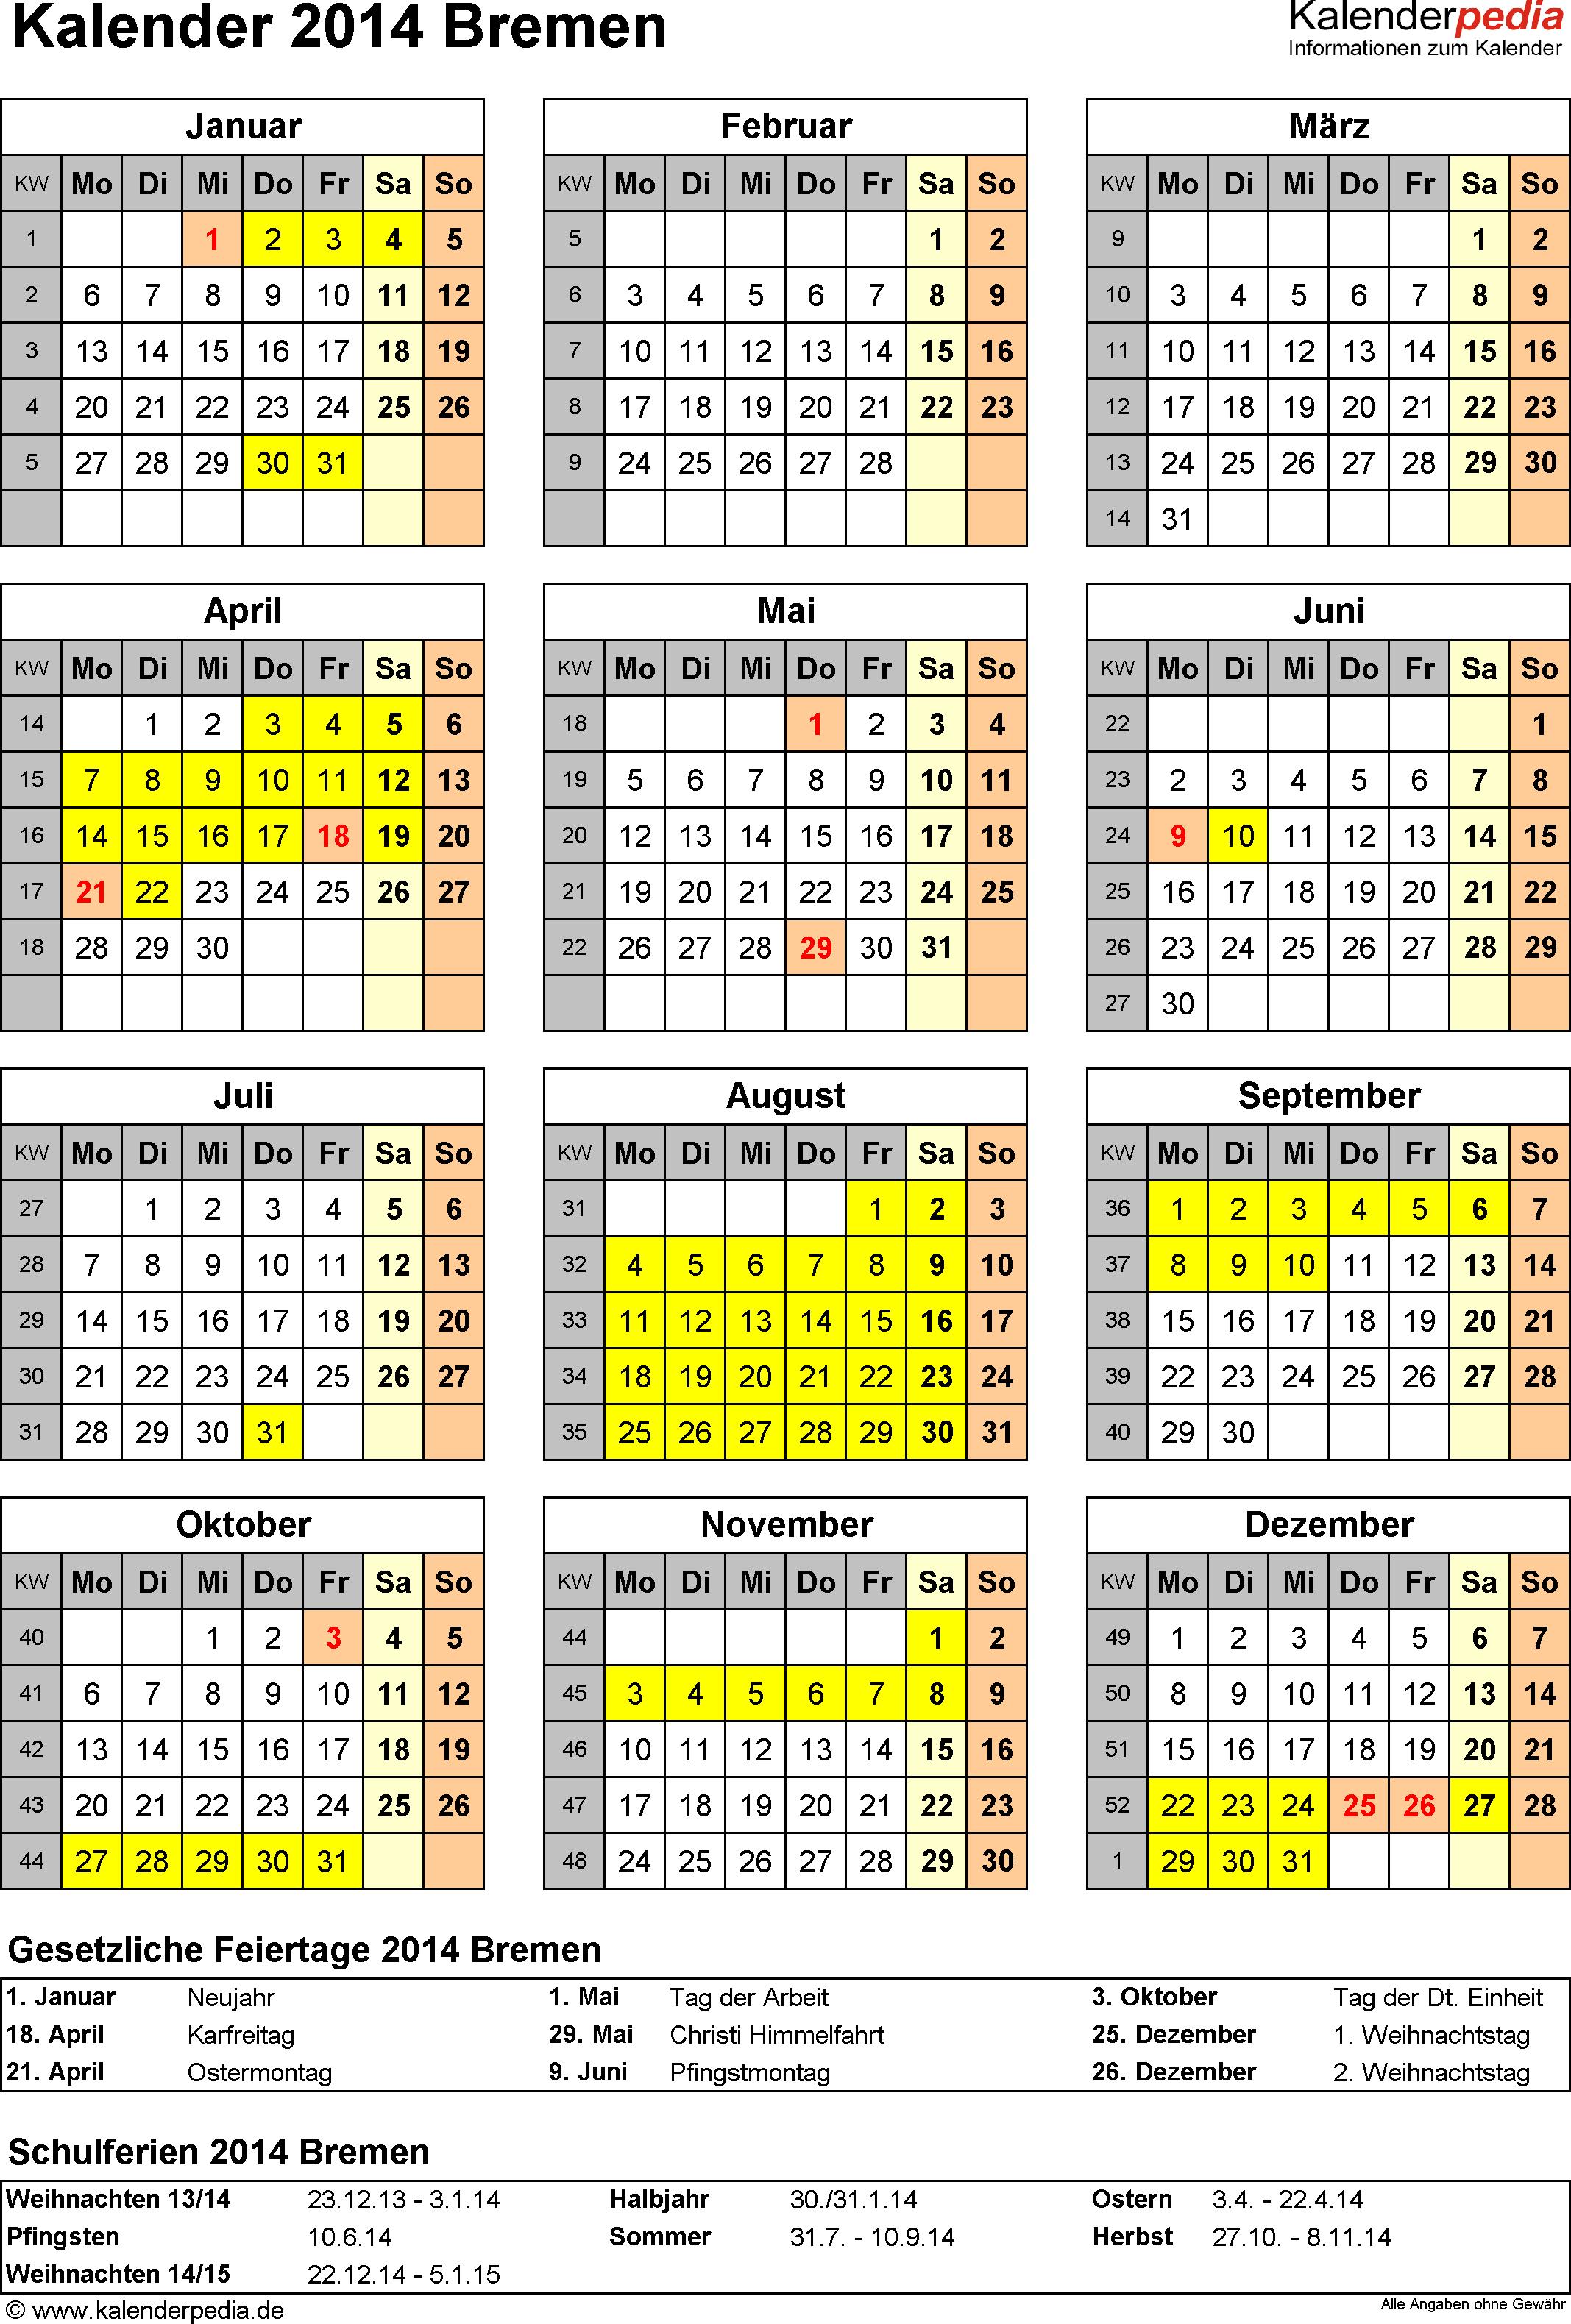 Vorlage 4: Kalender Bremen 2014 als Word-Vorlage (Hochformat)